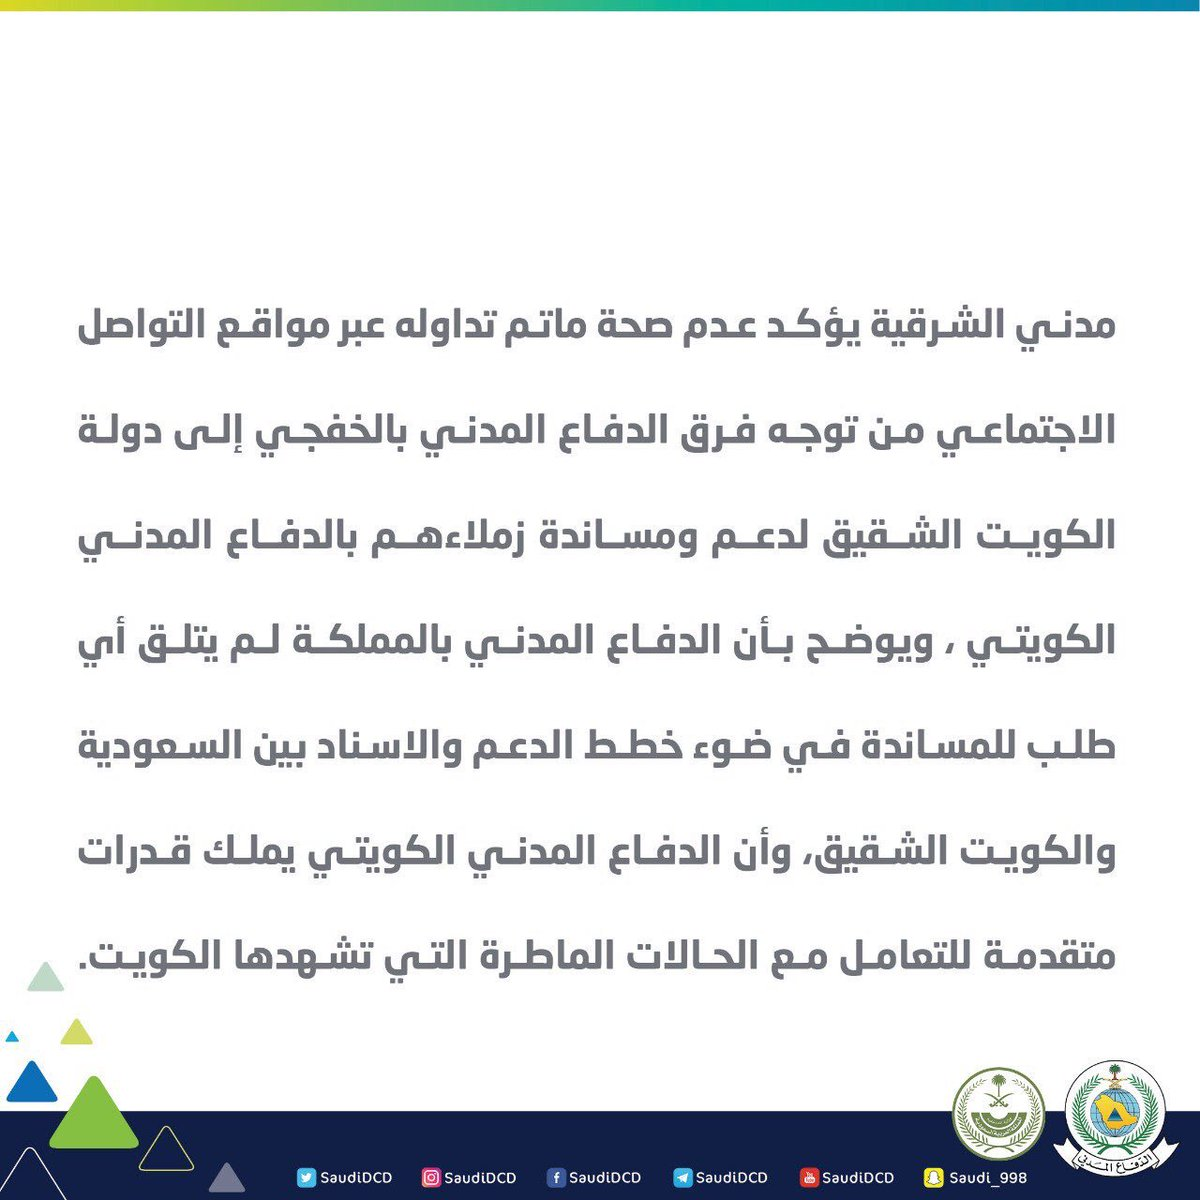 المجلس On Twitter الدفاع المدني السعودي غير صحيح مشاركتنا في